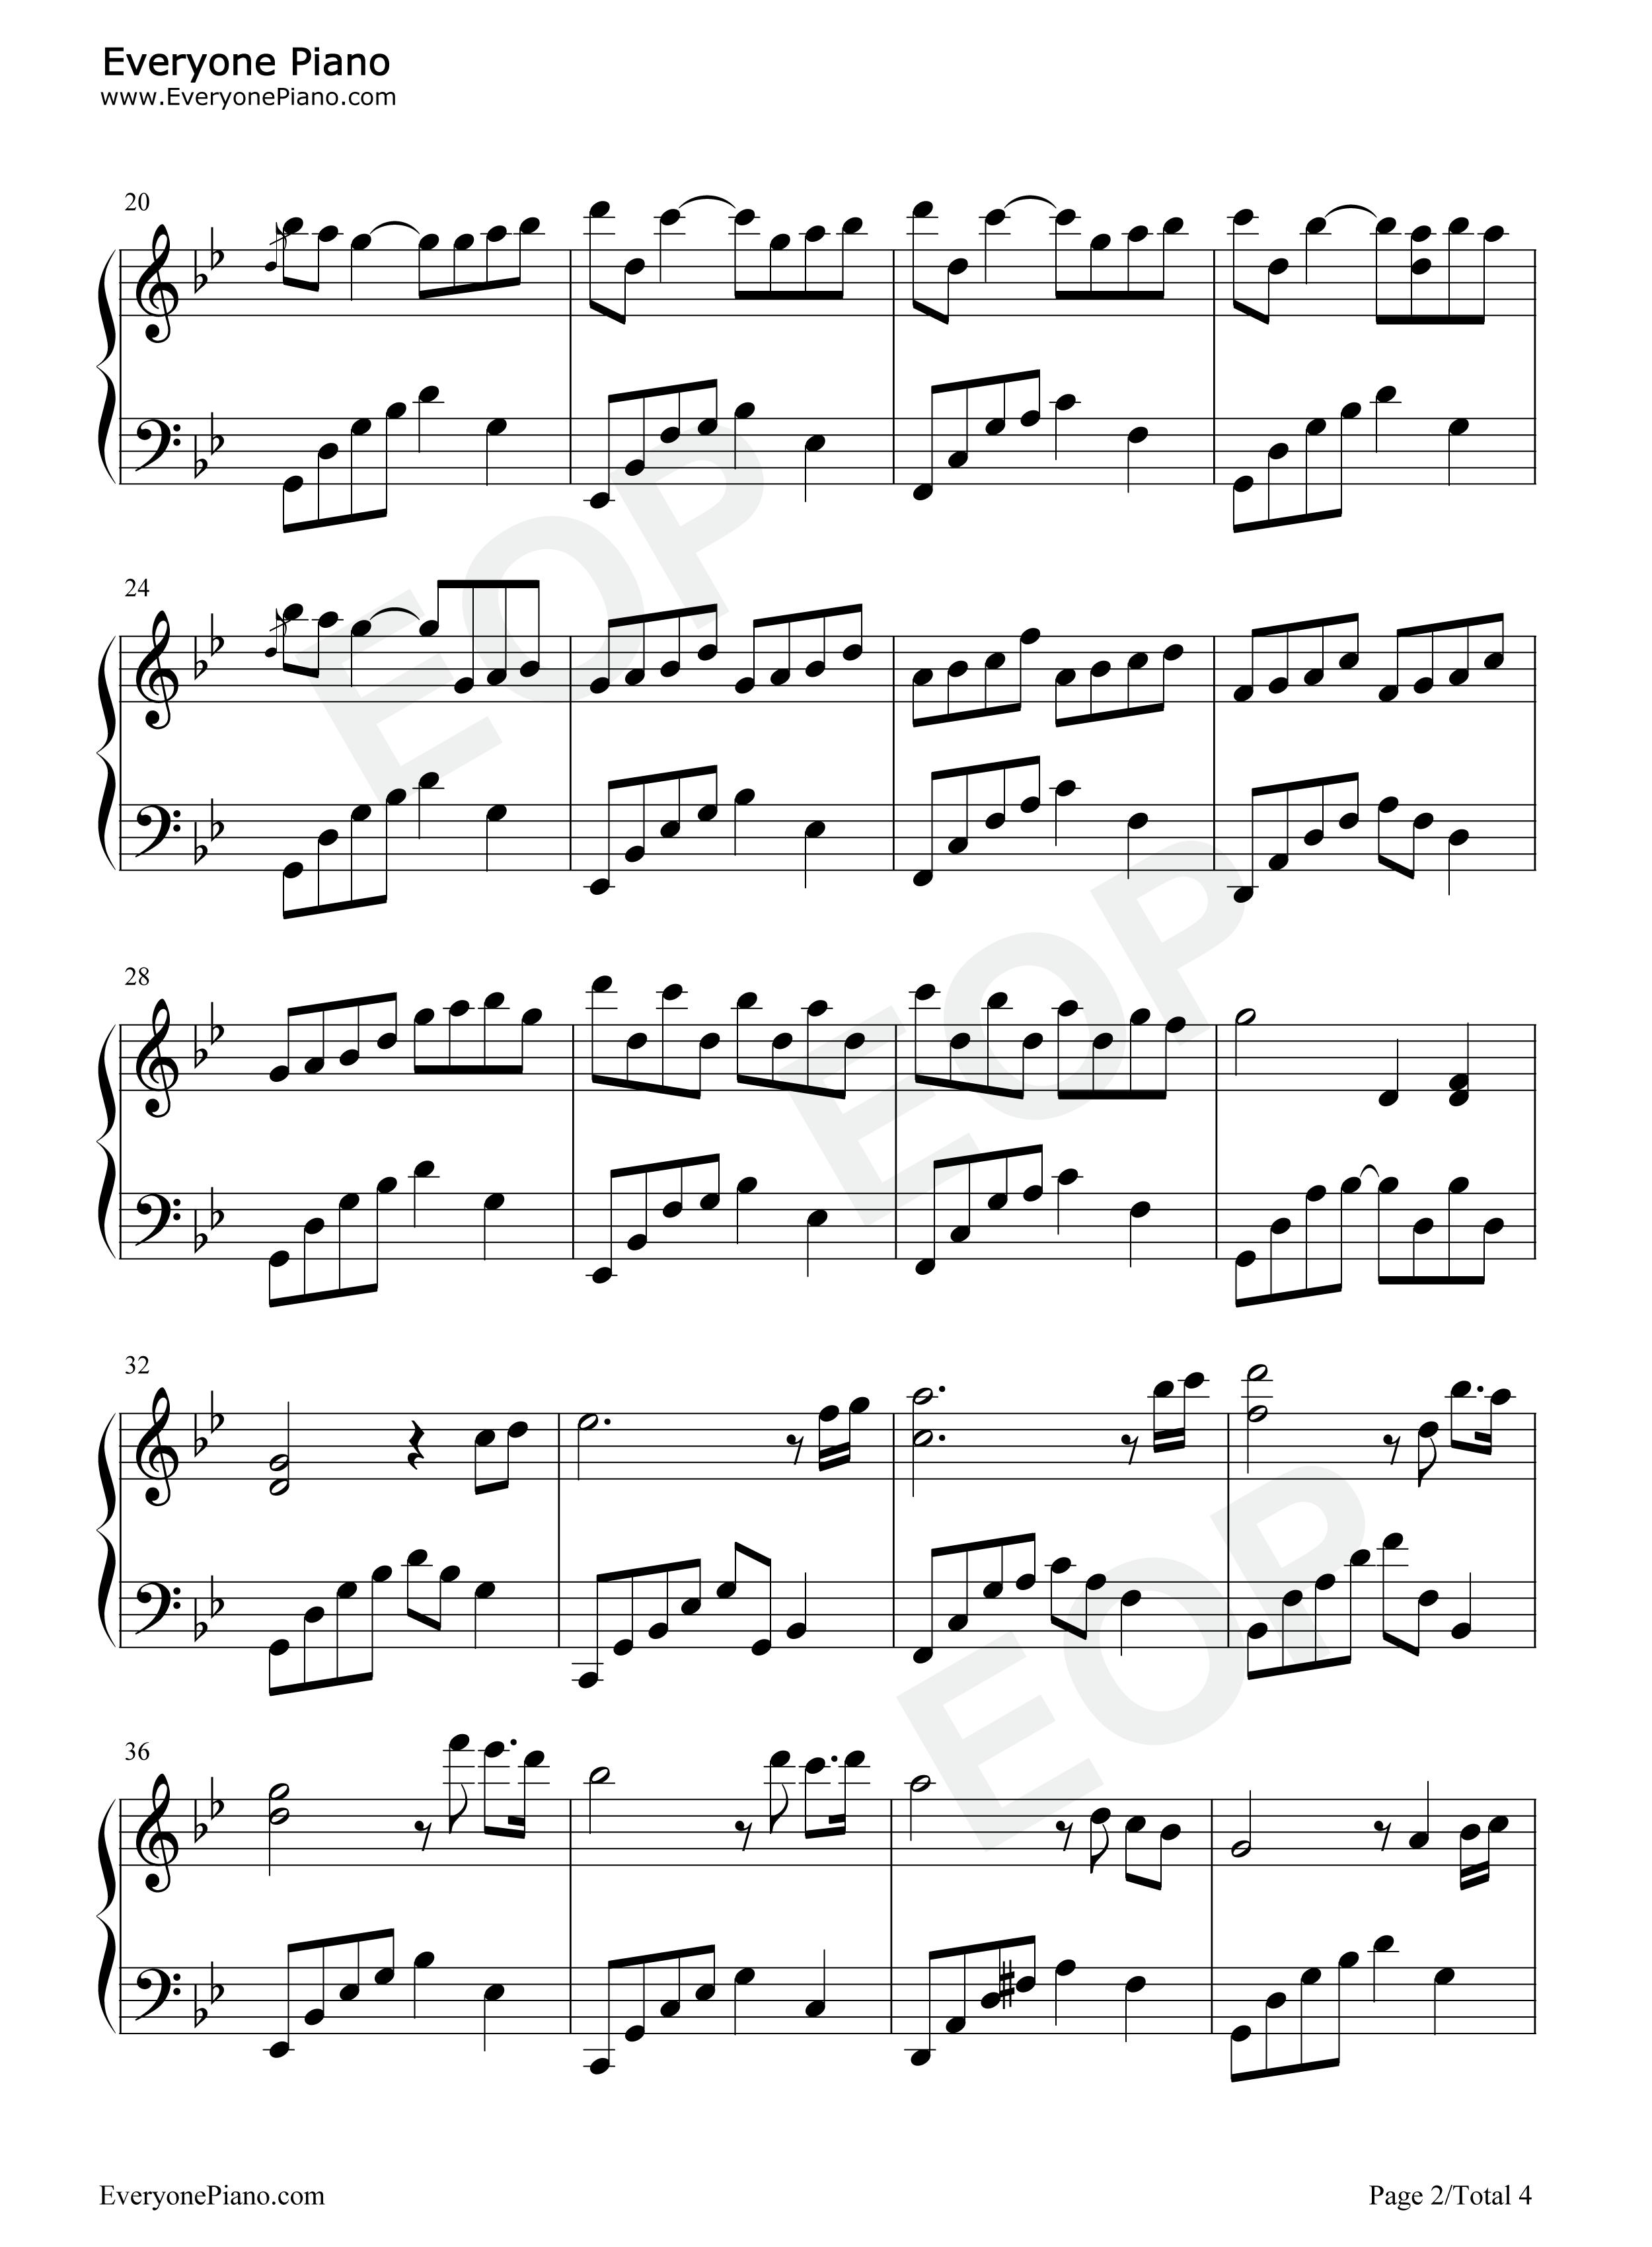 恍若如梦 夜的钢琴曲 II五线谱预览 EOP在线乐谱架